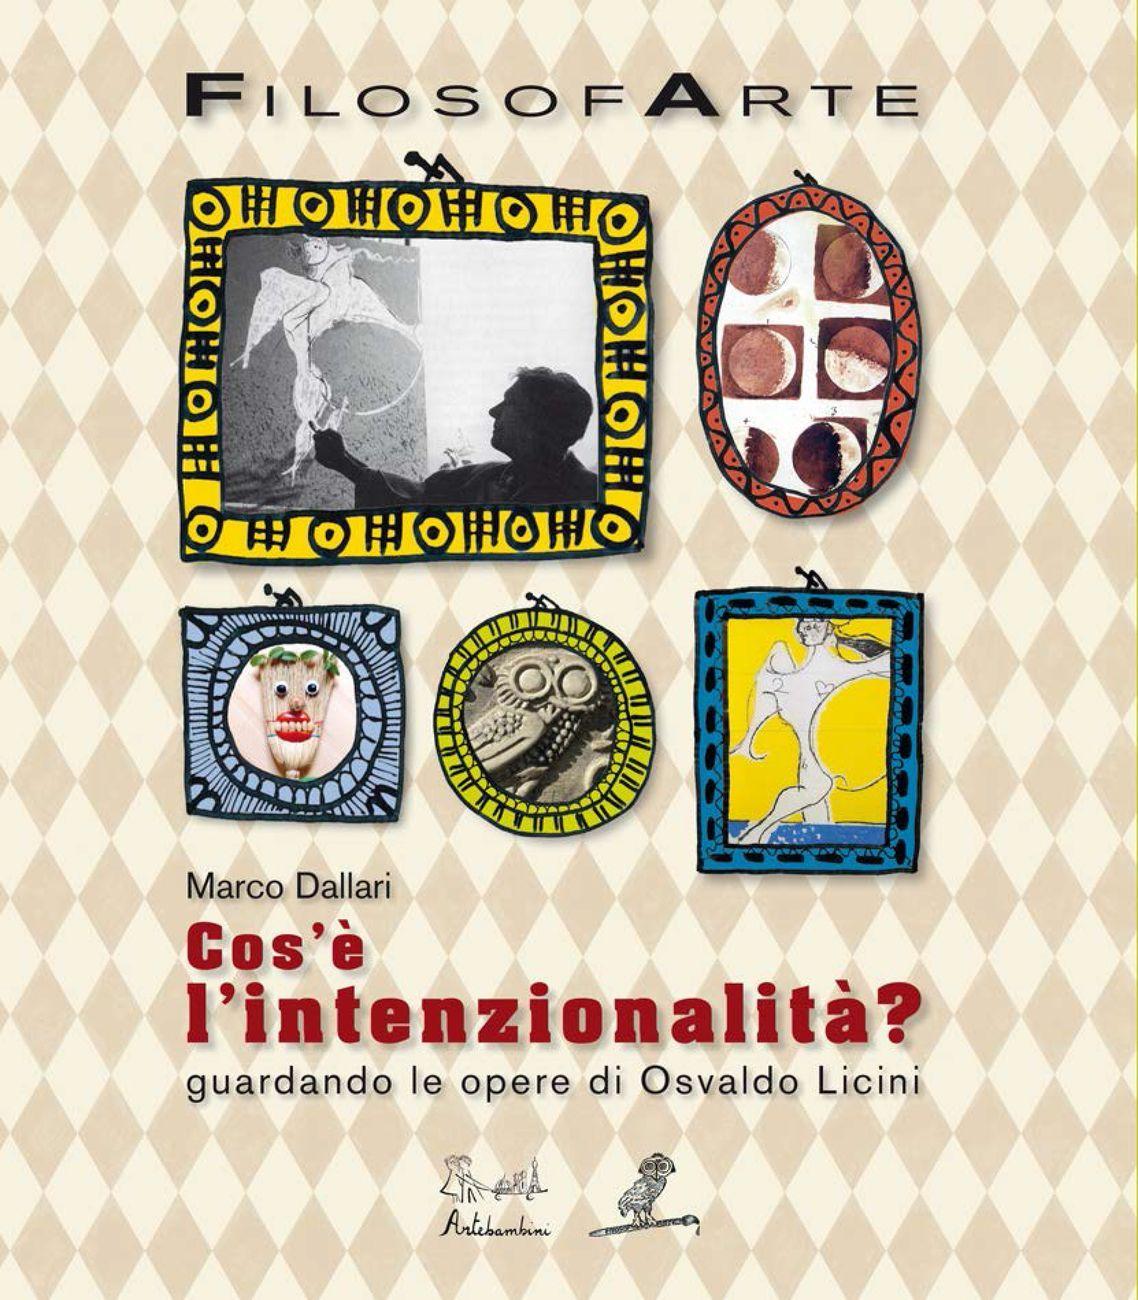 Marco Dallari ‒ Cos'è l'intenzionalità_ Guardando le opere di Osvaldo Licini (Artebambini, Bologna 2019) _cover